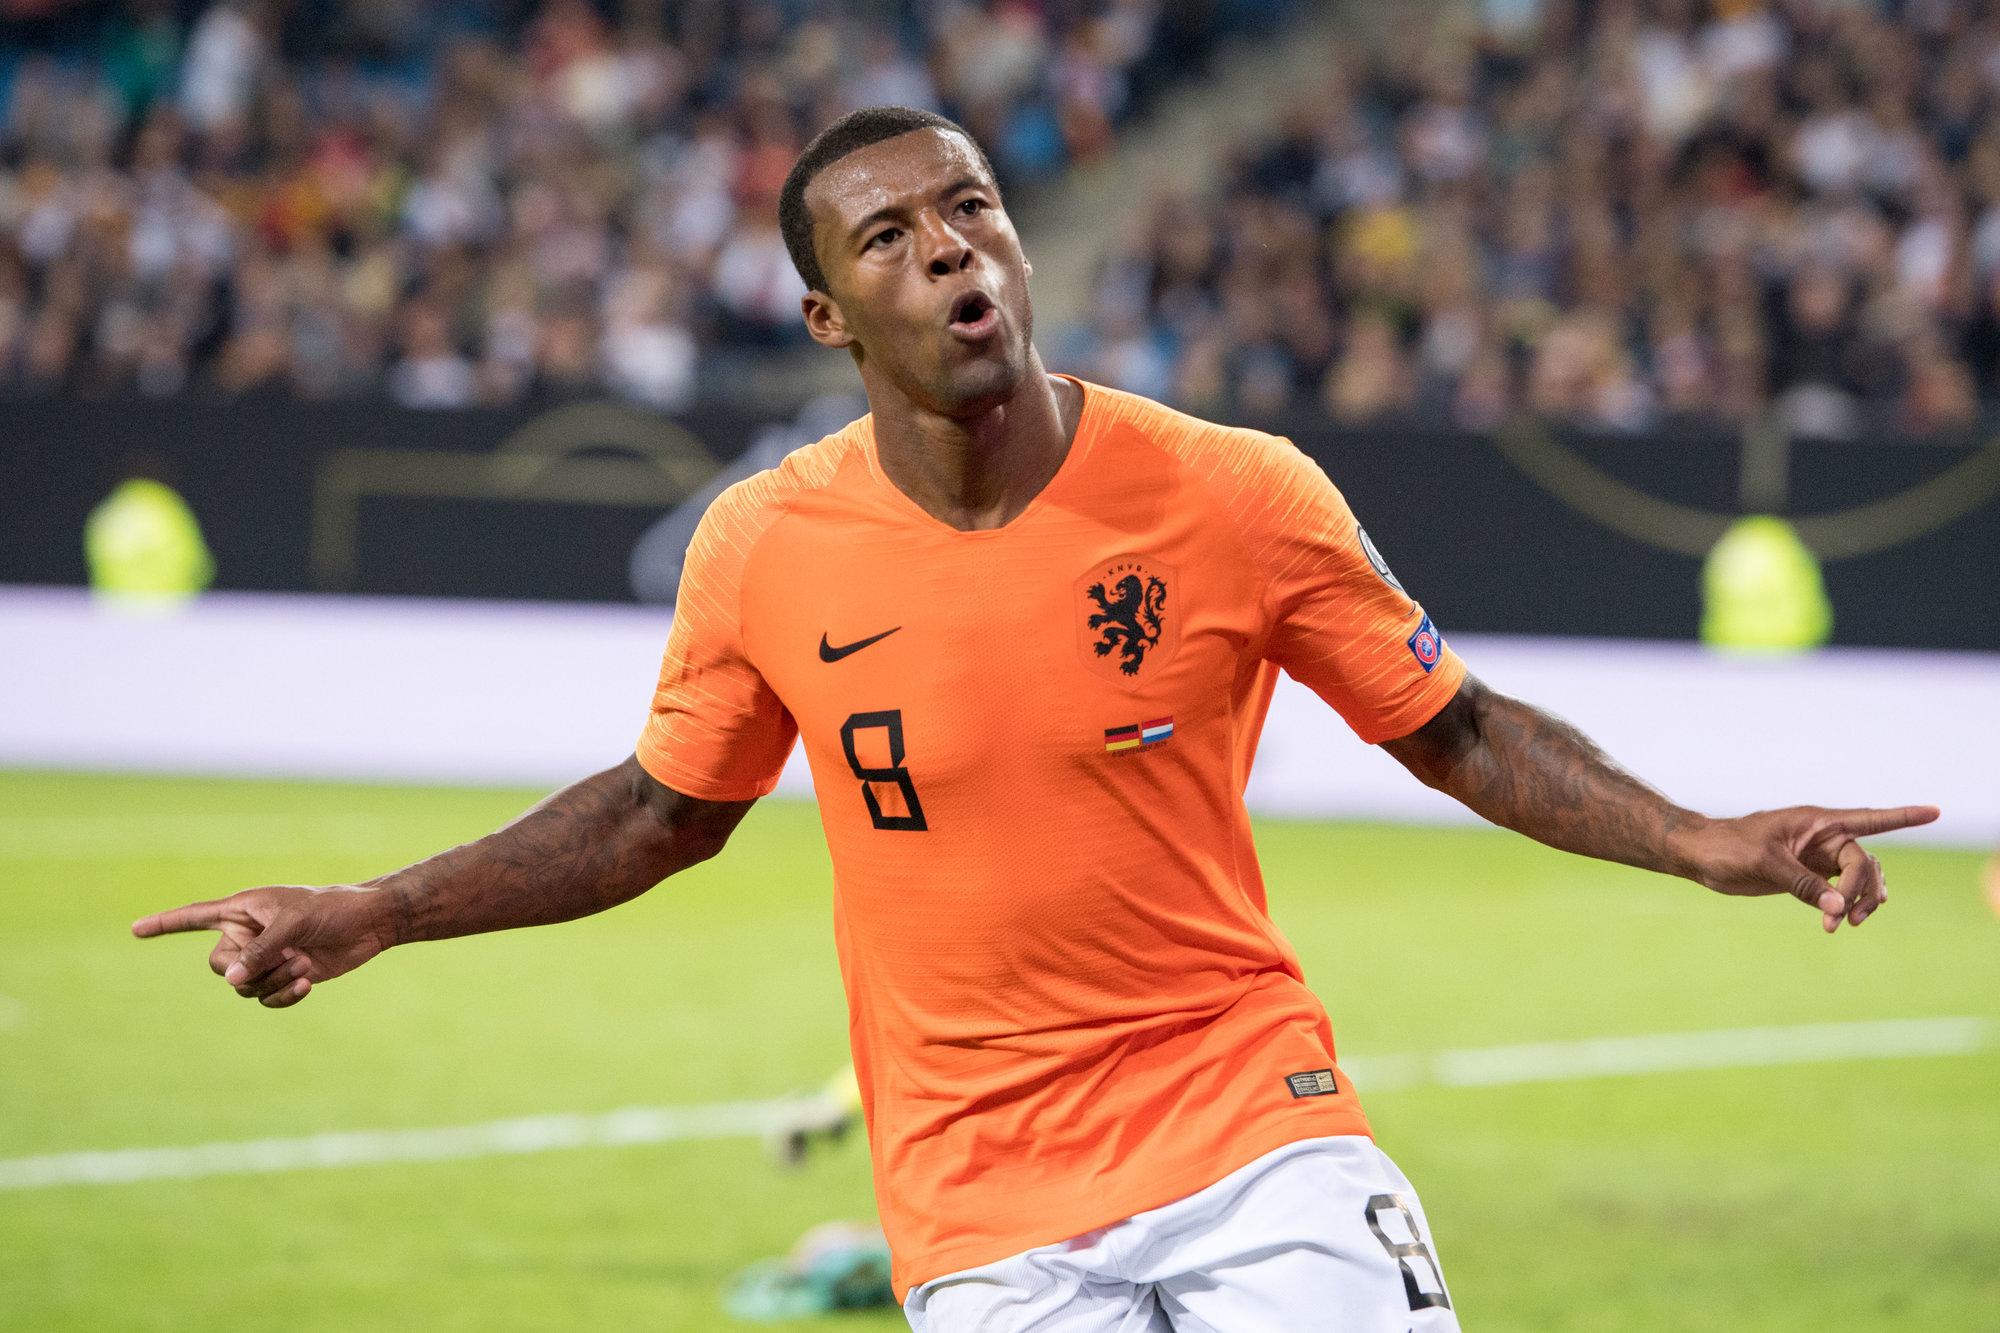 Жоржиньо Вейналдум: «Сборная Нидерландов не выигрывала на протяжении пяти матчей. Рад снова почувствовать вкус победы»